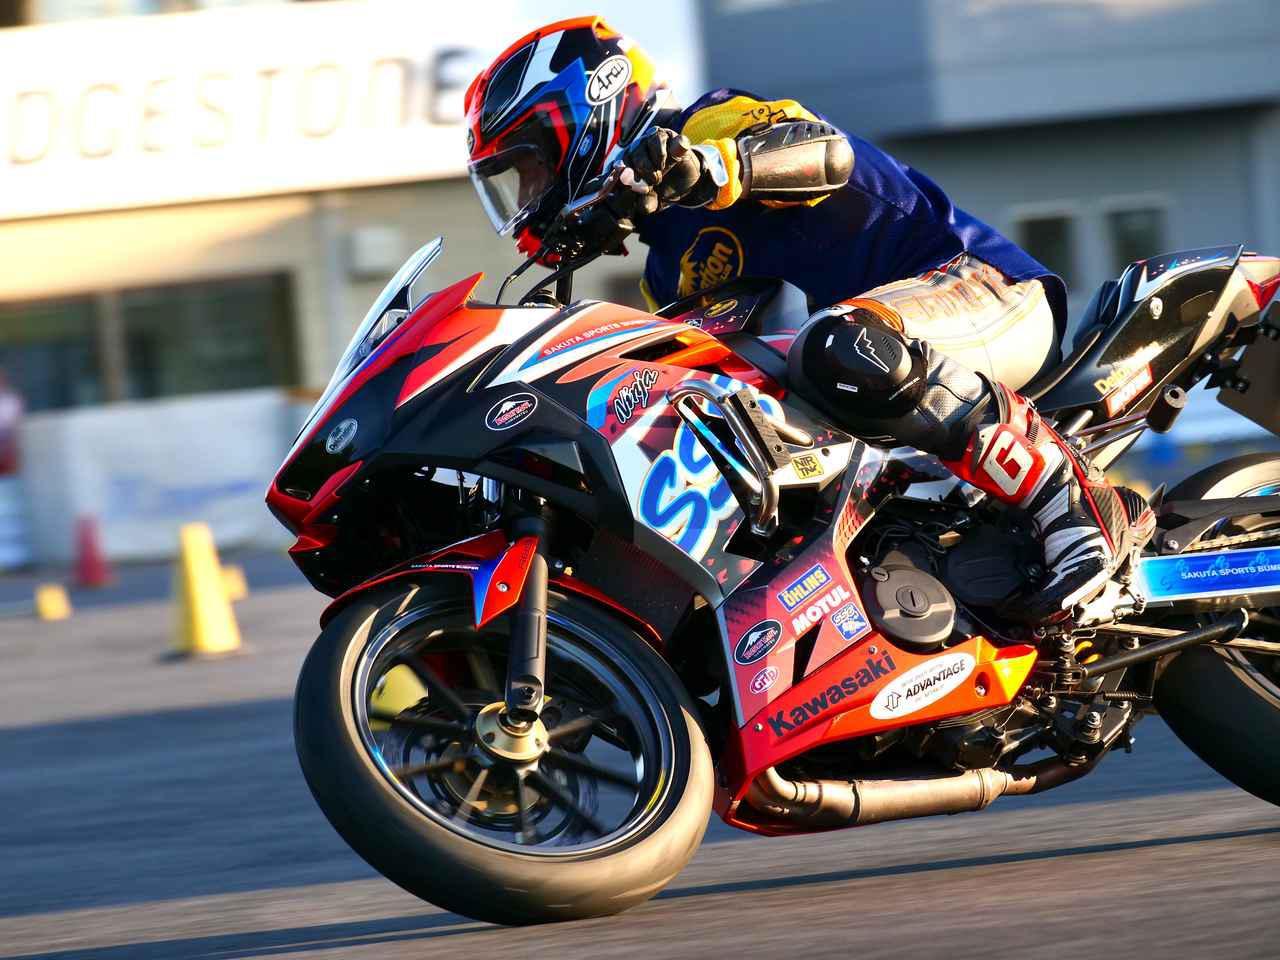 画像: 【オートバイ杯ジムカーナ】今シーズン最初で最後の一戦 作田ニンジャ400、NSR勢を下して完全勝利!【スポット戦・A級レポート】 - webオートバイ